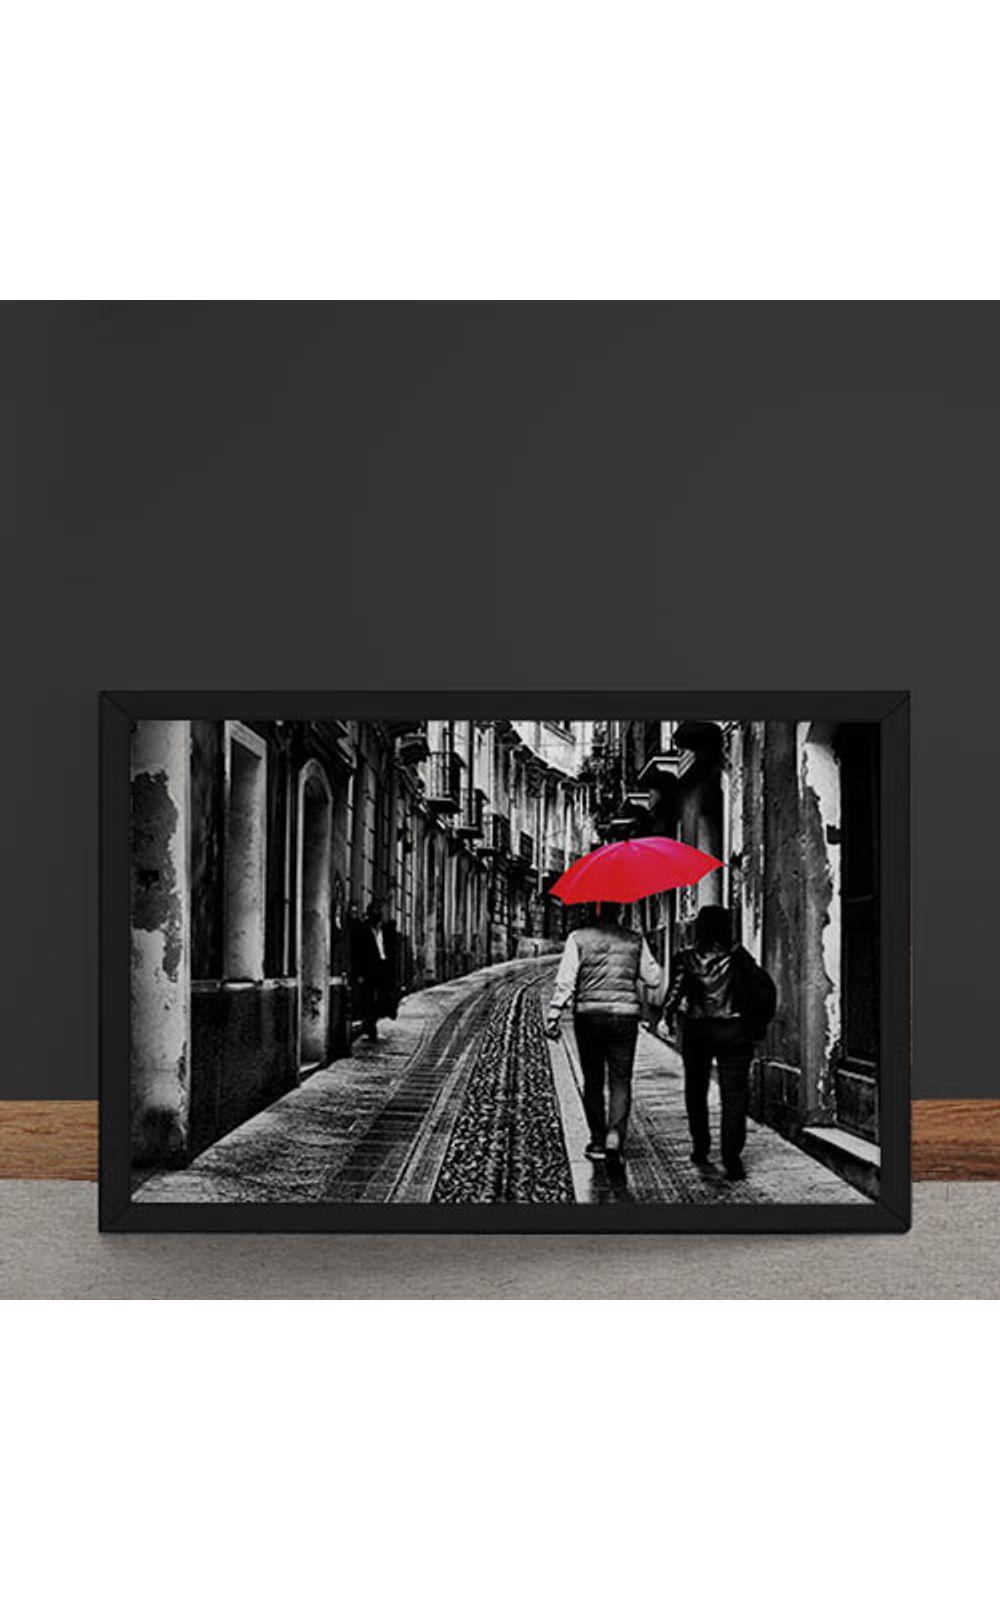 Foto 4 - Quadro Decorativo Casal do Guarda Chuva Vermelho